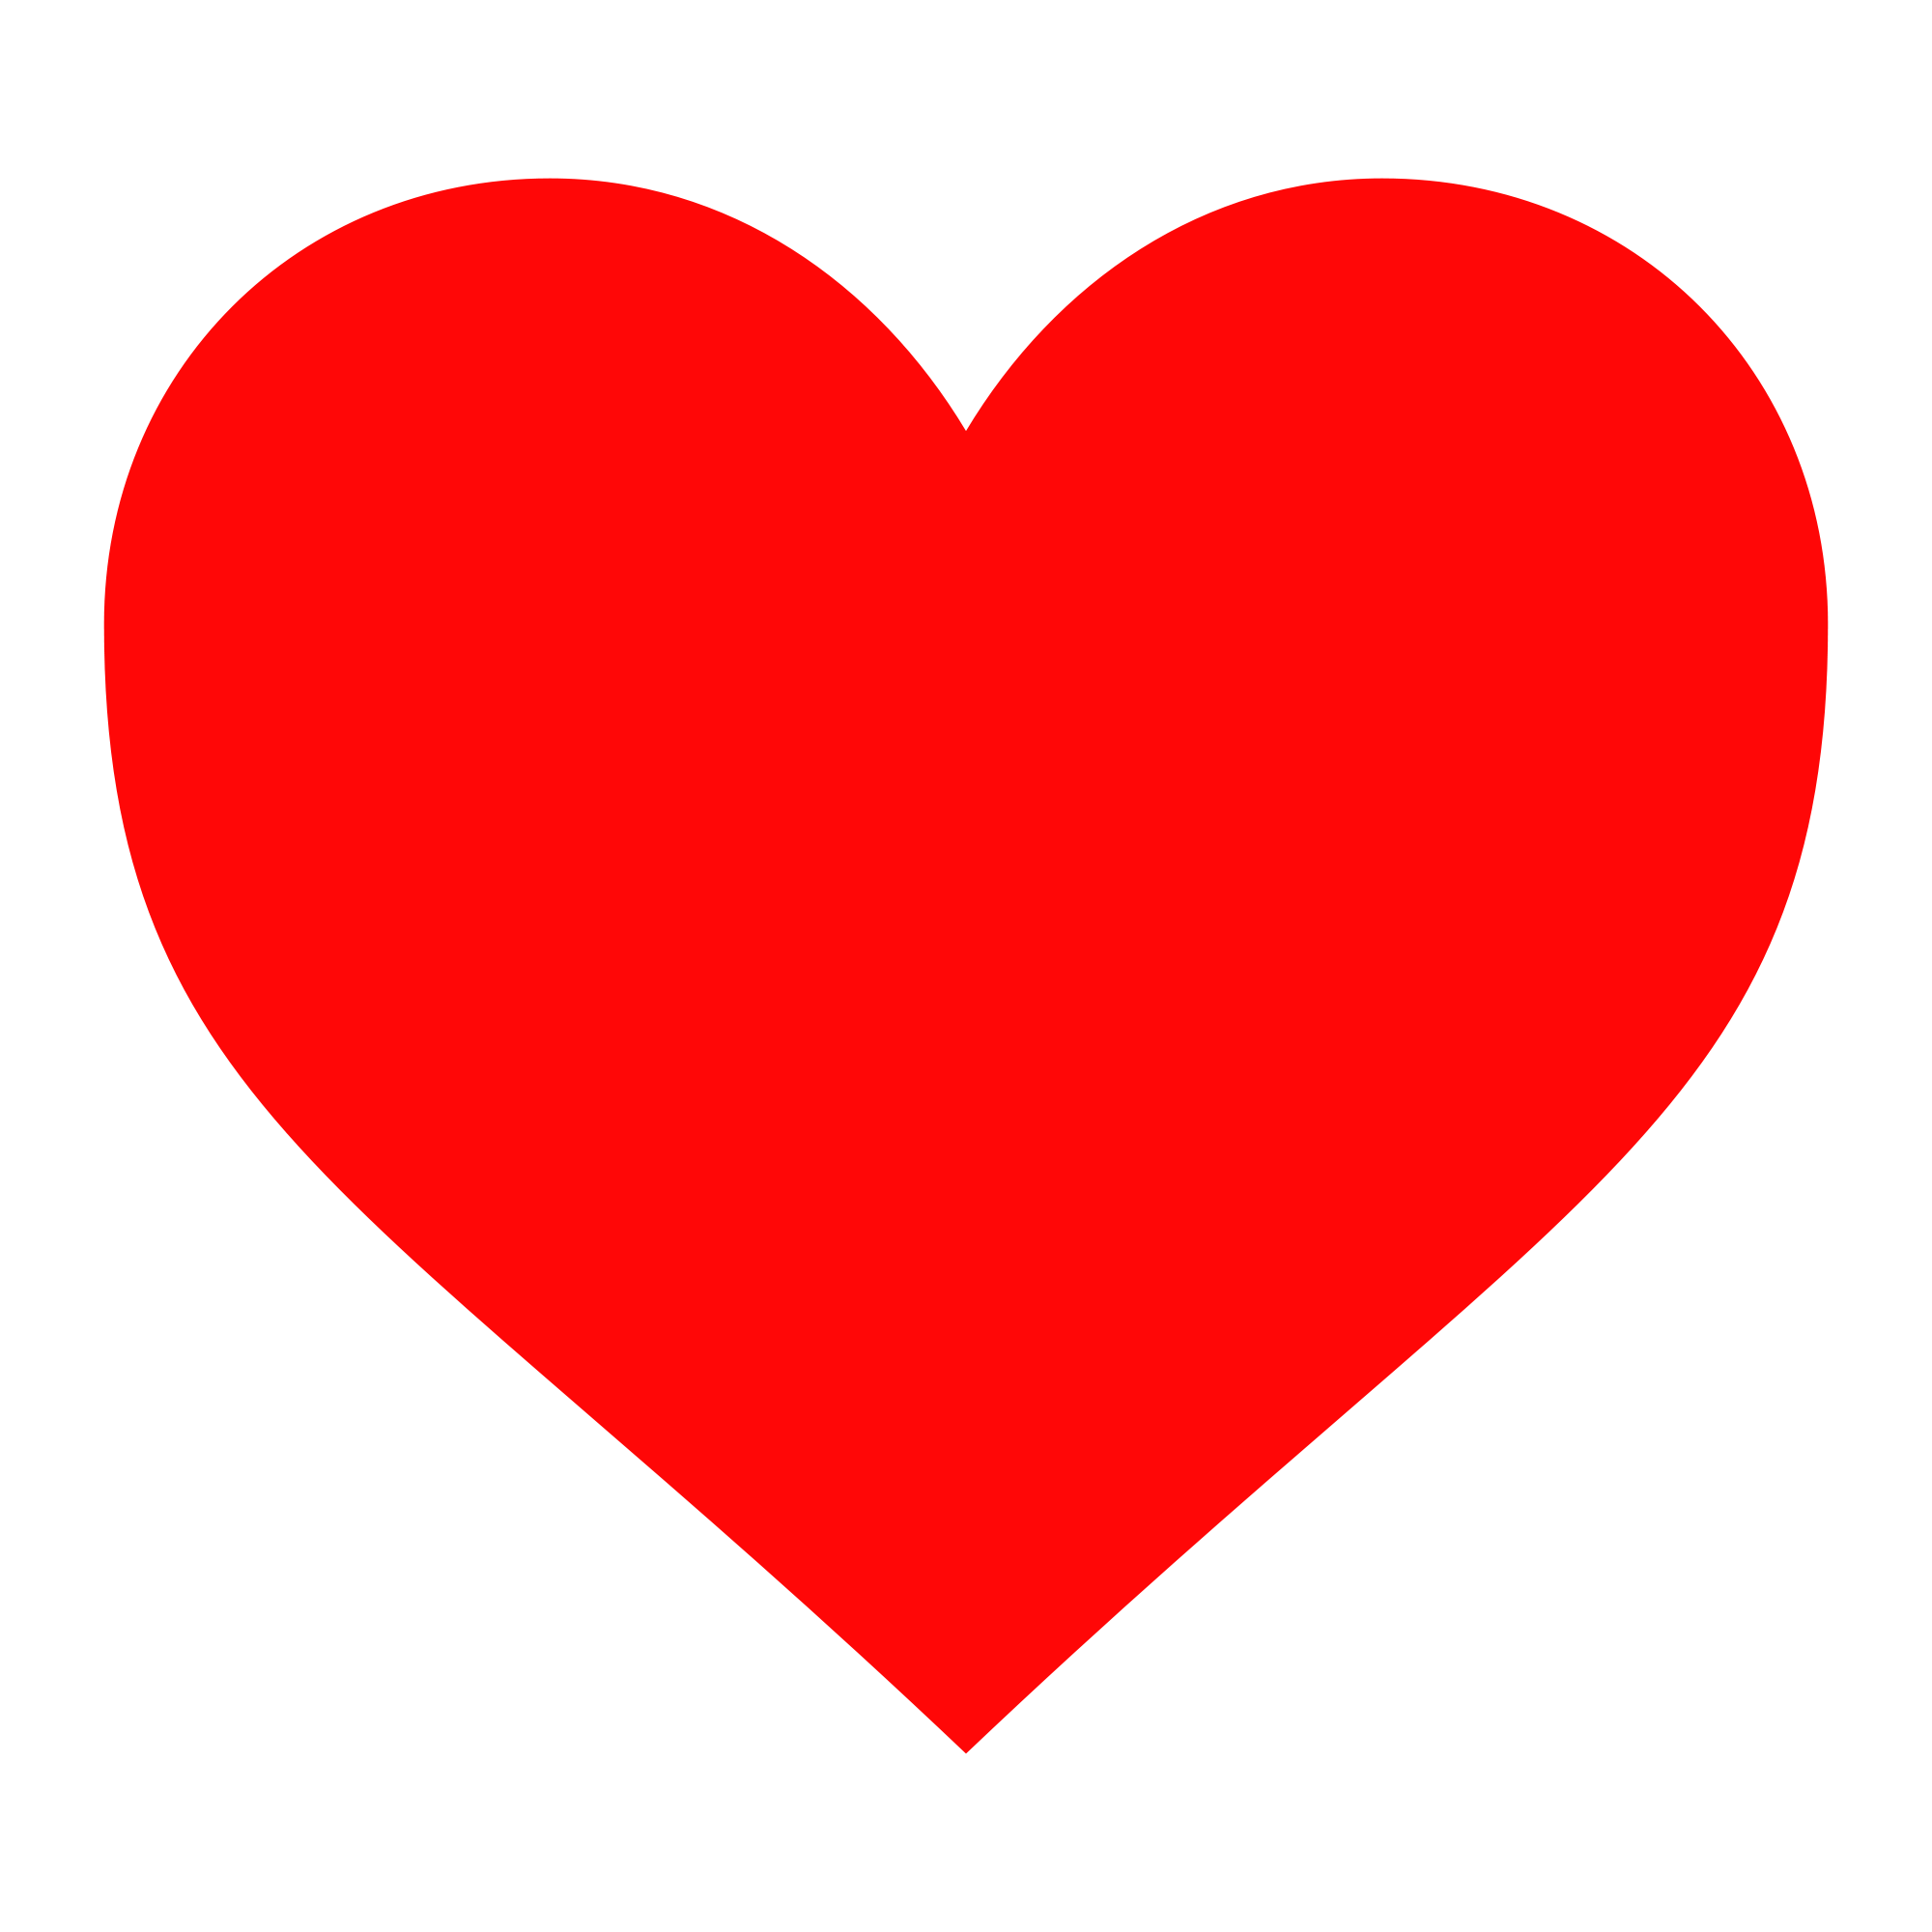 Waarom is het hart symbool voor de liefde?